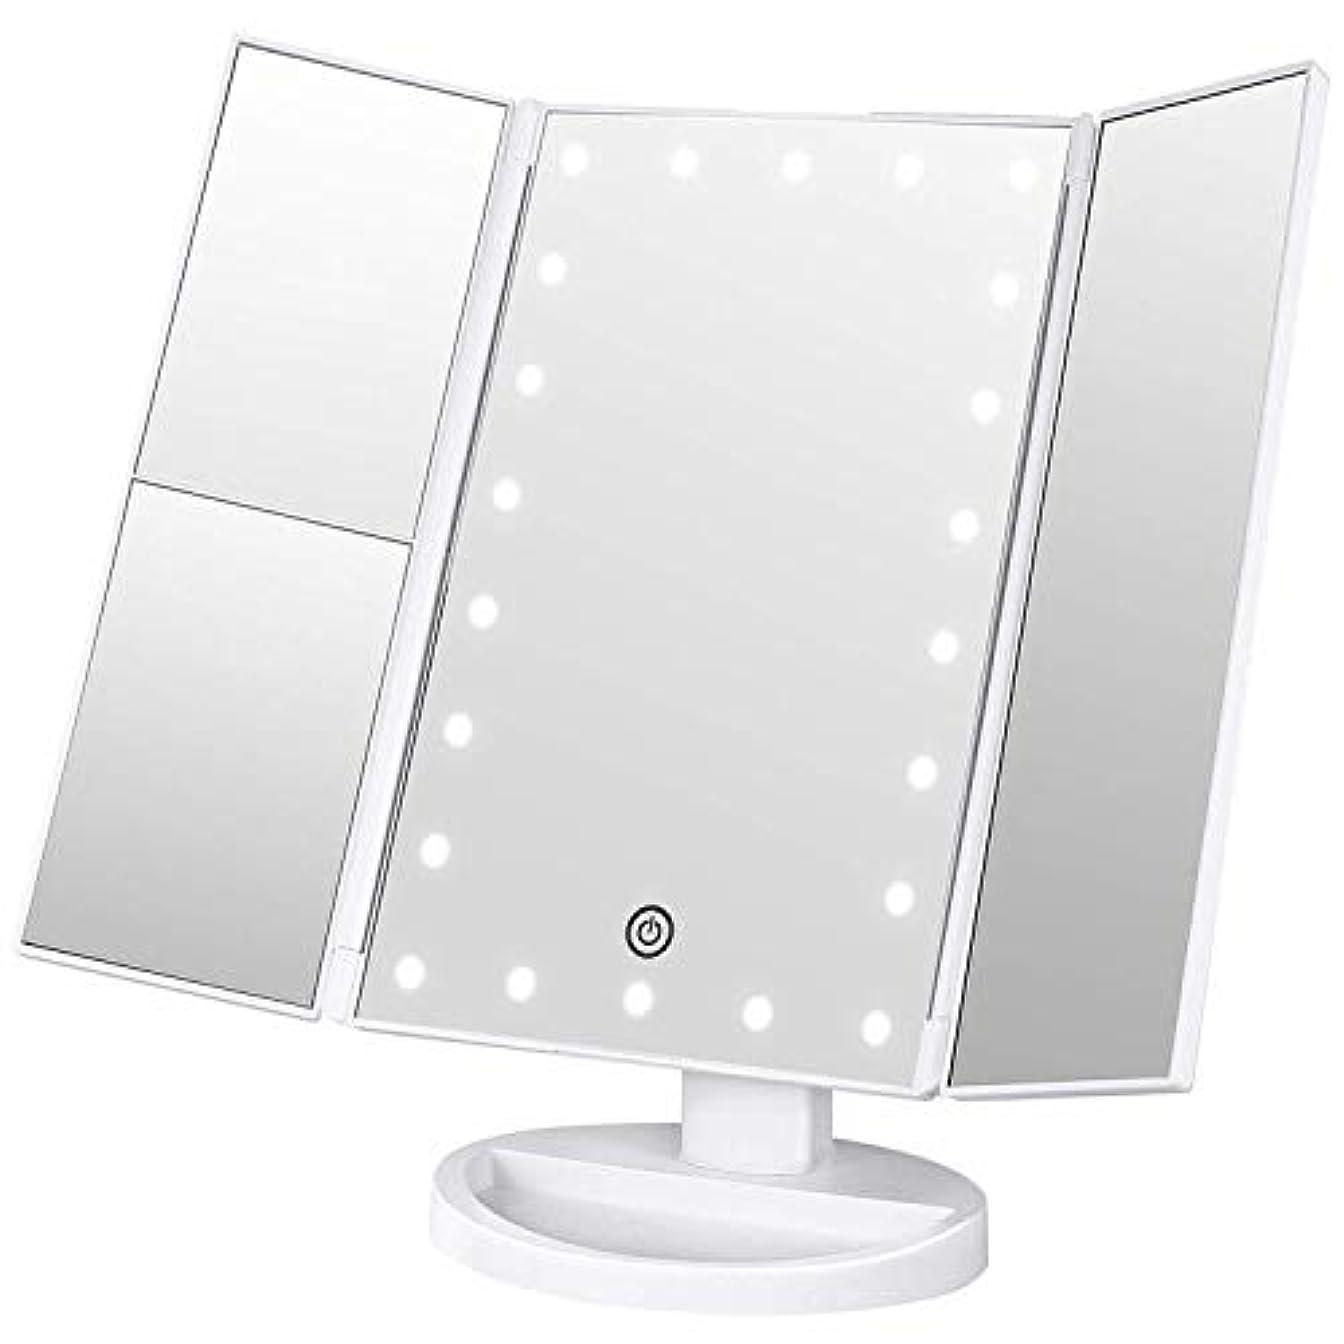 浴室例示する唇化粧鏡 VIYONA 鏡 卓上 LEDライト22灯三面鏡 電池&USB 折りたたみ 拡大鏡 2&3倍 明るさ調節可能 180°